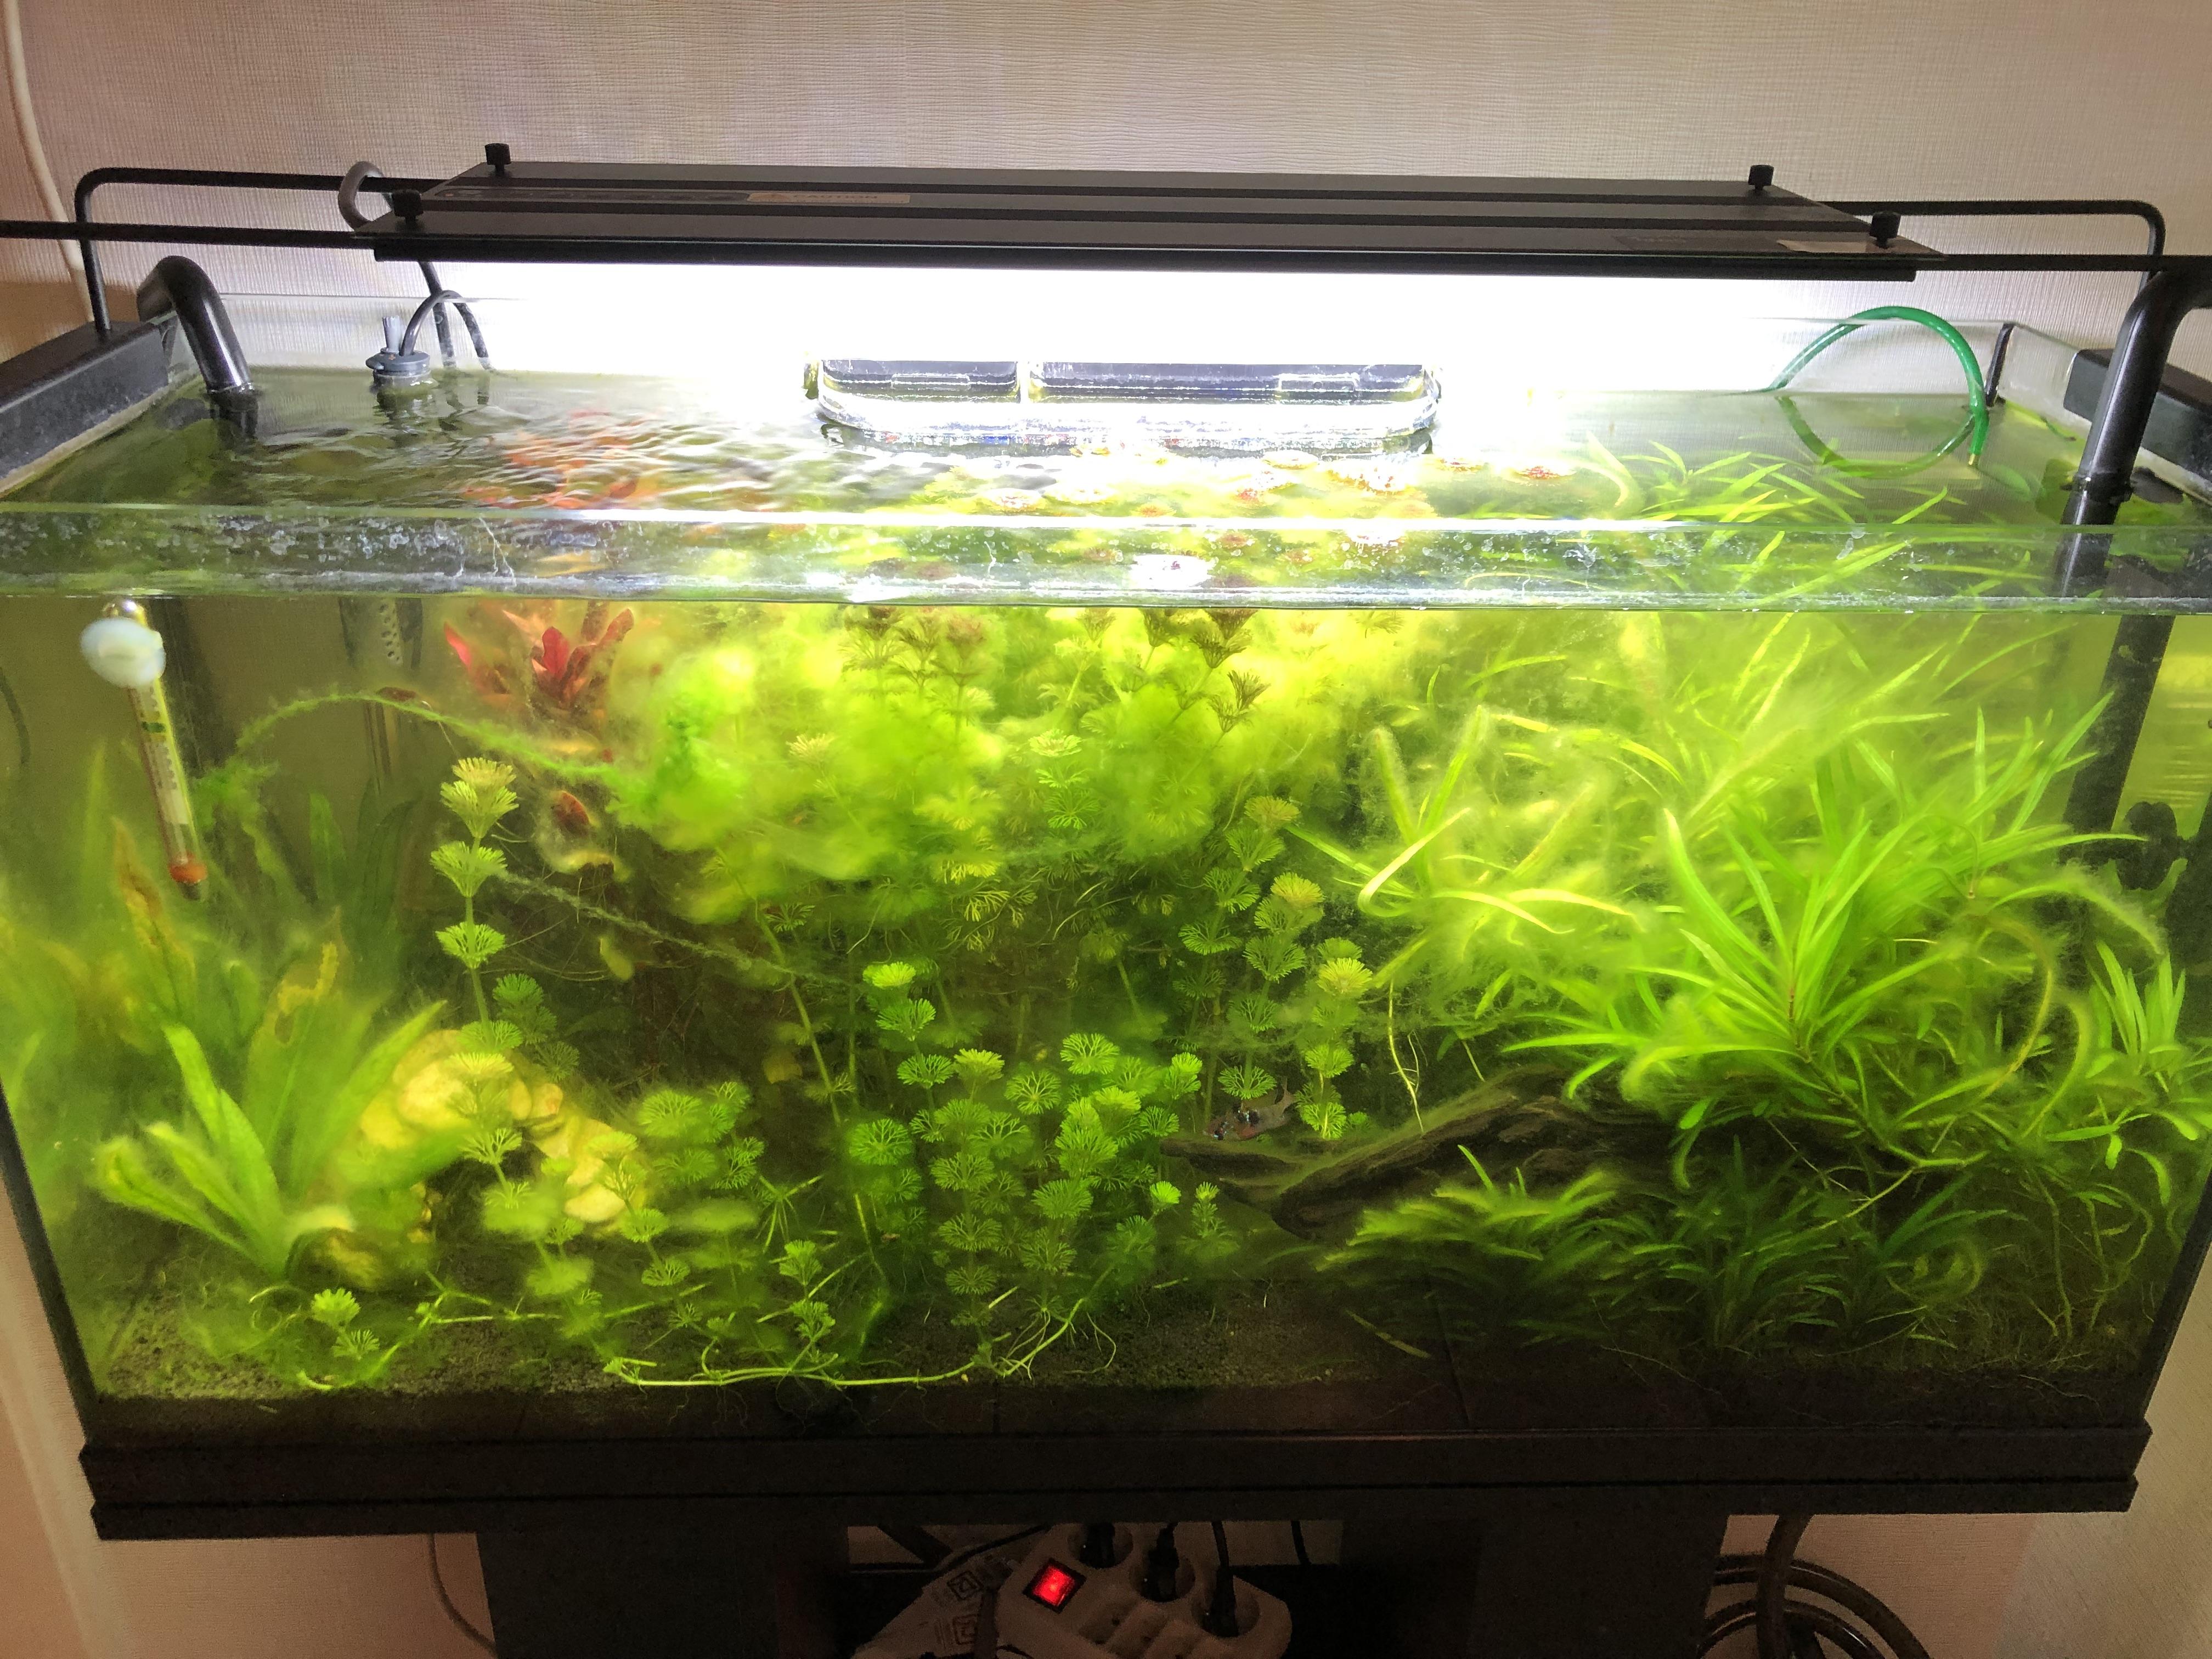 Problème d'algues Qgk1pc